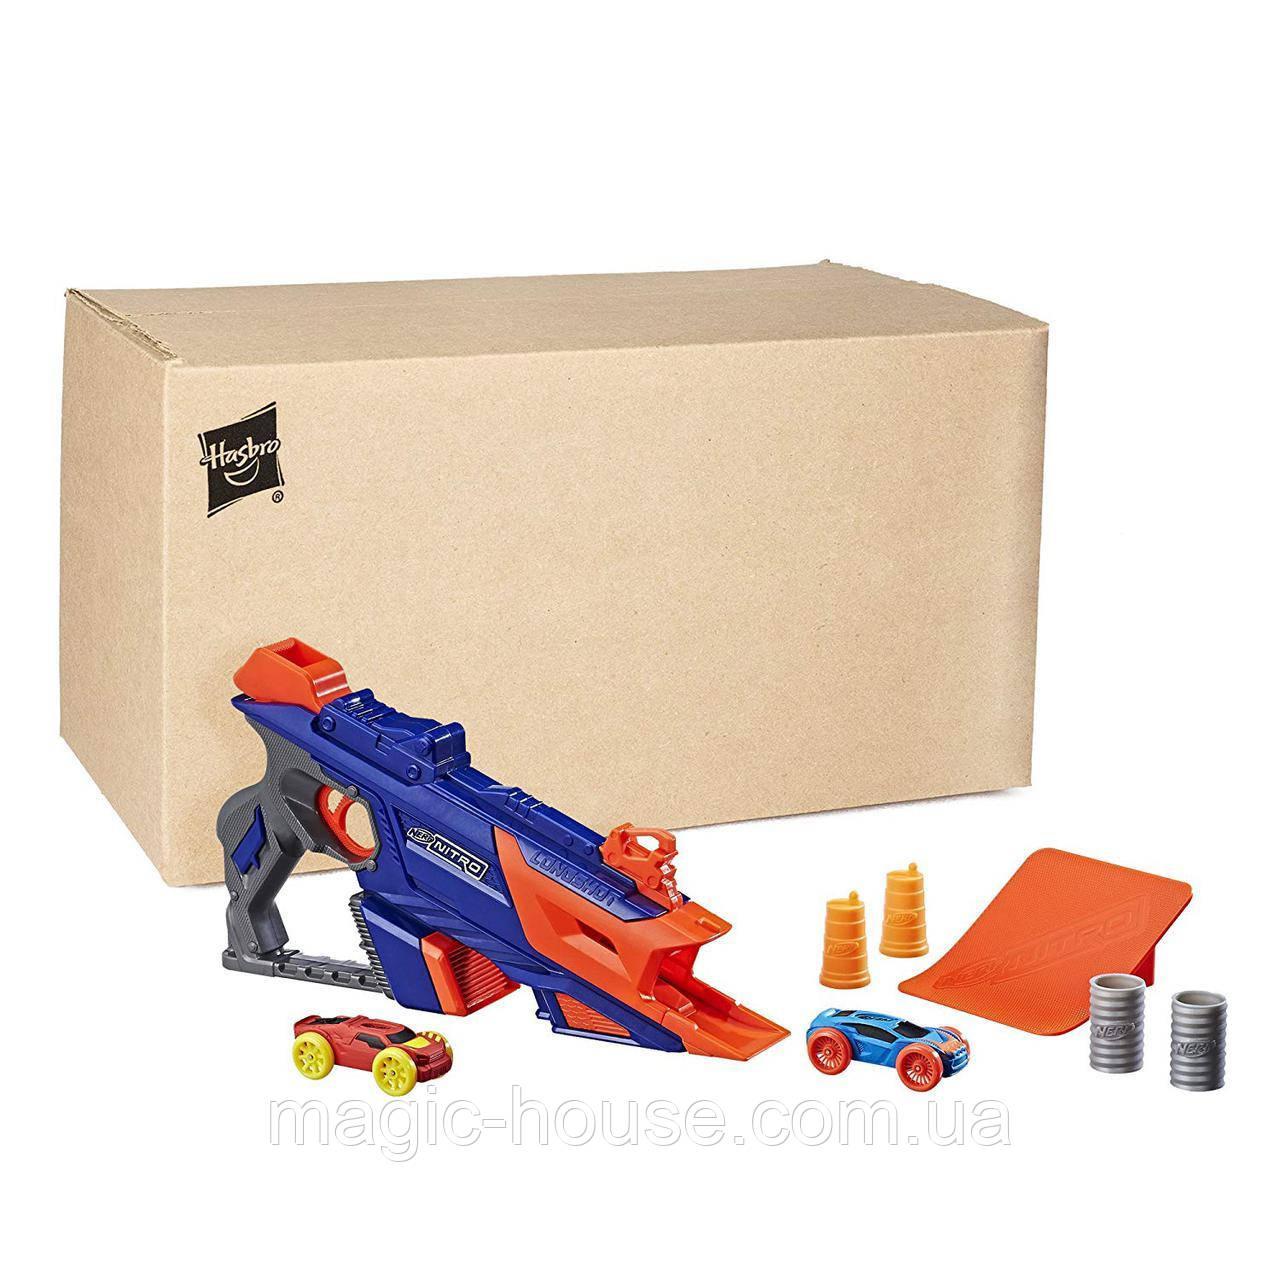 Бластер Nerf стреляющий машинками Лонгшот Nerf Nitro LongShot Smash (эко упаковка)